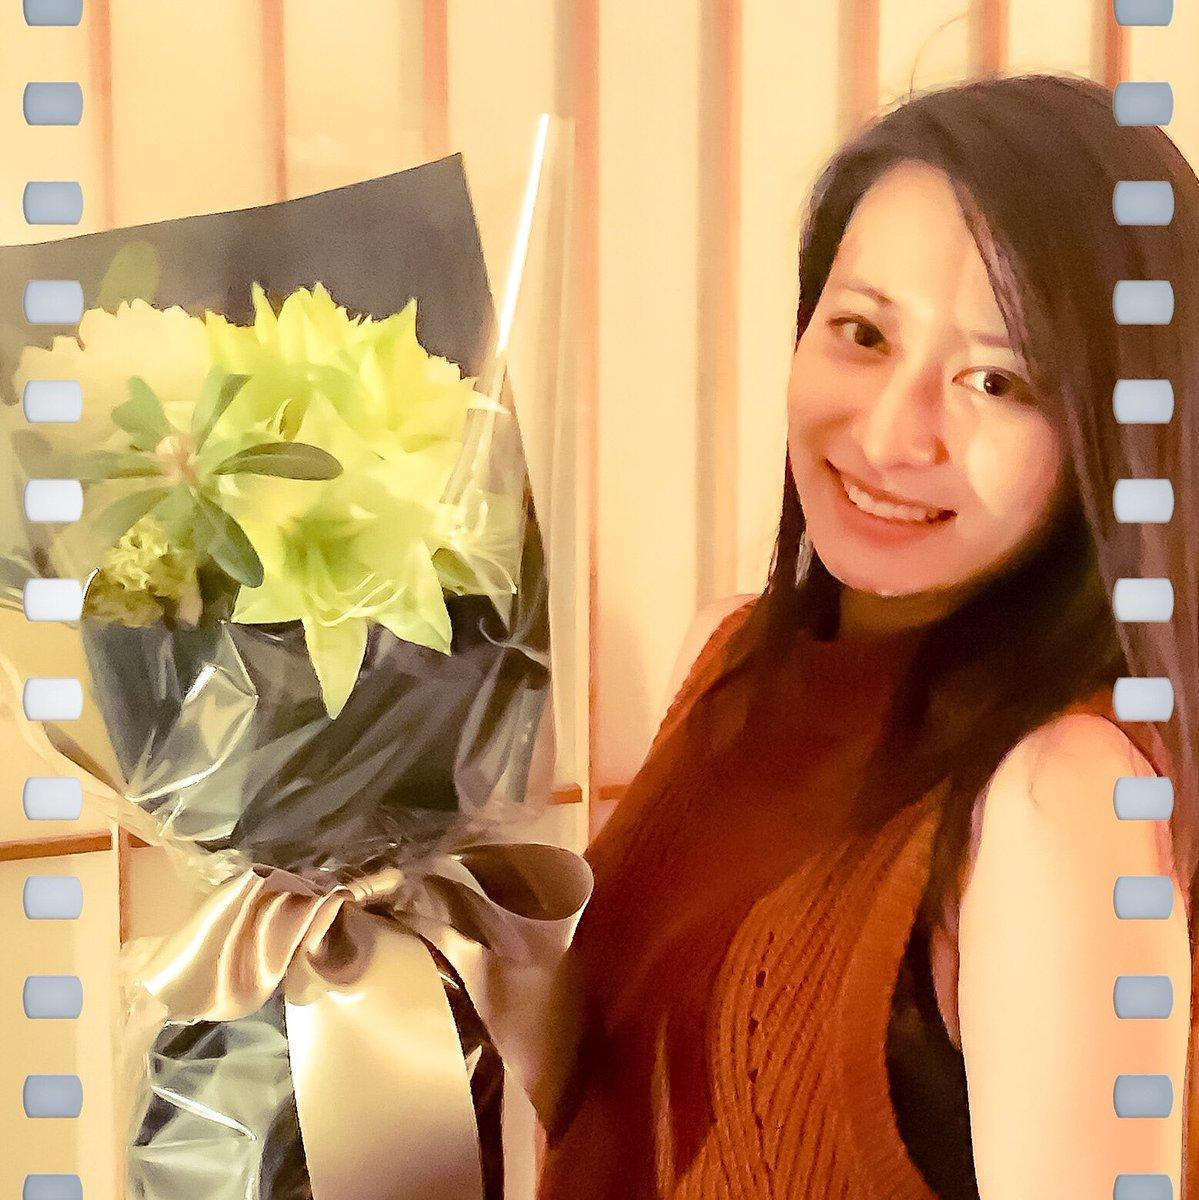 元アイドリング!!!の後藤郁ちゃんオシャレでかわいい87YouTube動画>1本 ->画像>102枚